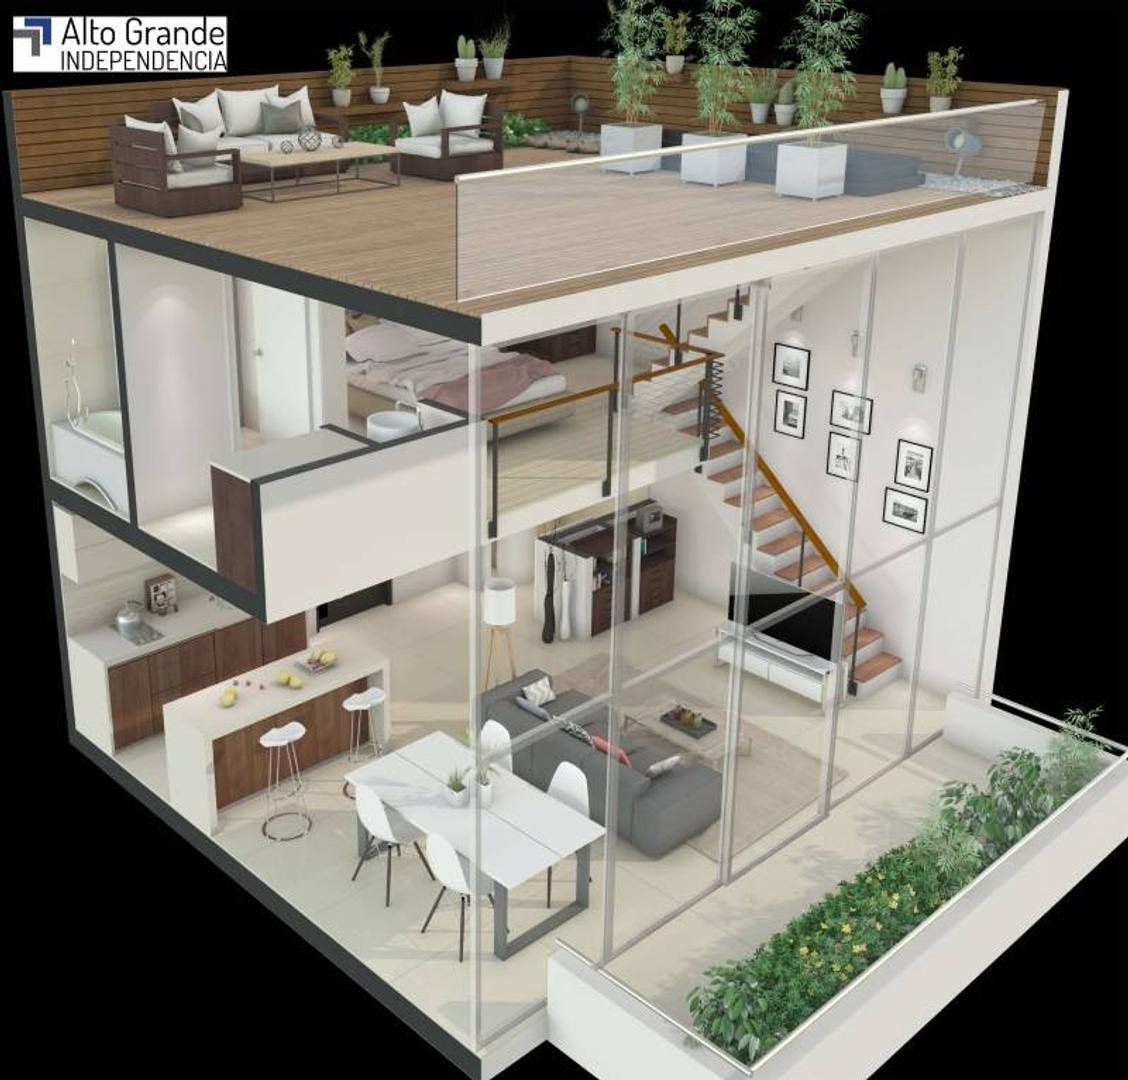 Duplex con terraza propia Venta  2 ambientes con Balcón y terrazas propios a metros Facultad de Ing